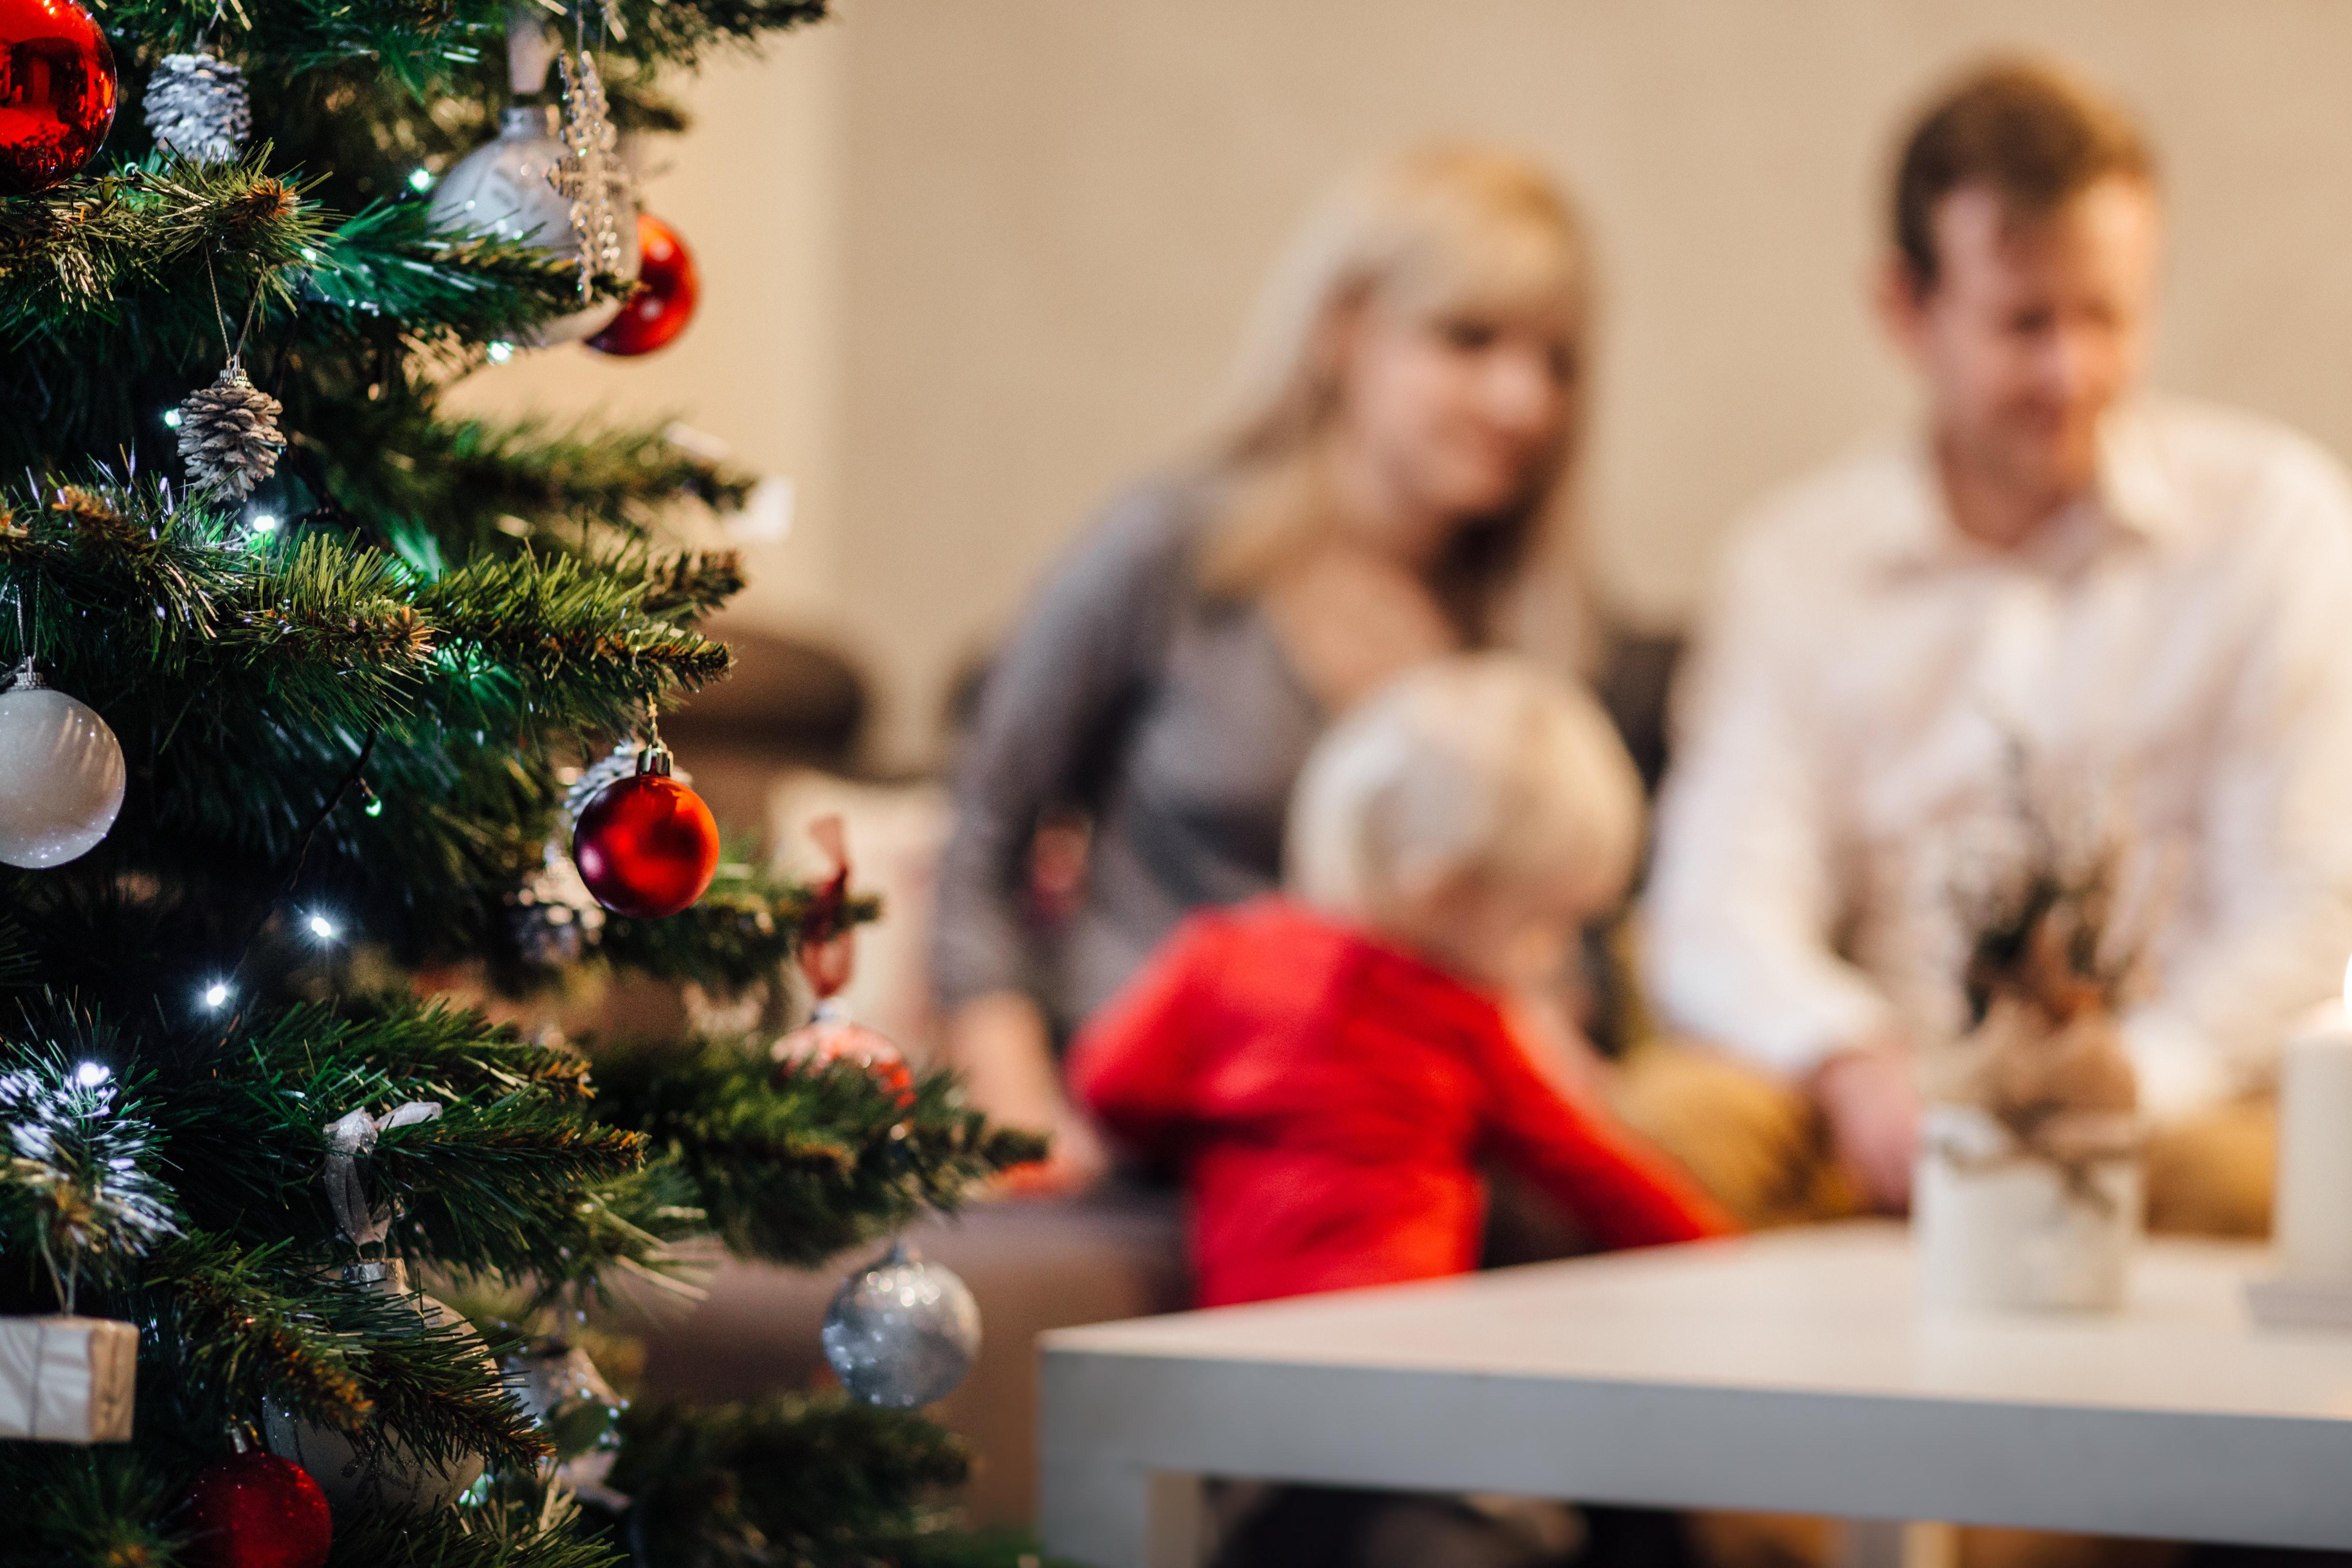 【クーパー家の晩餐会】それぞれの秘密を抱えたクリスマス家族ストーリー【映画】